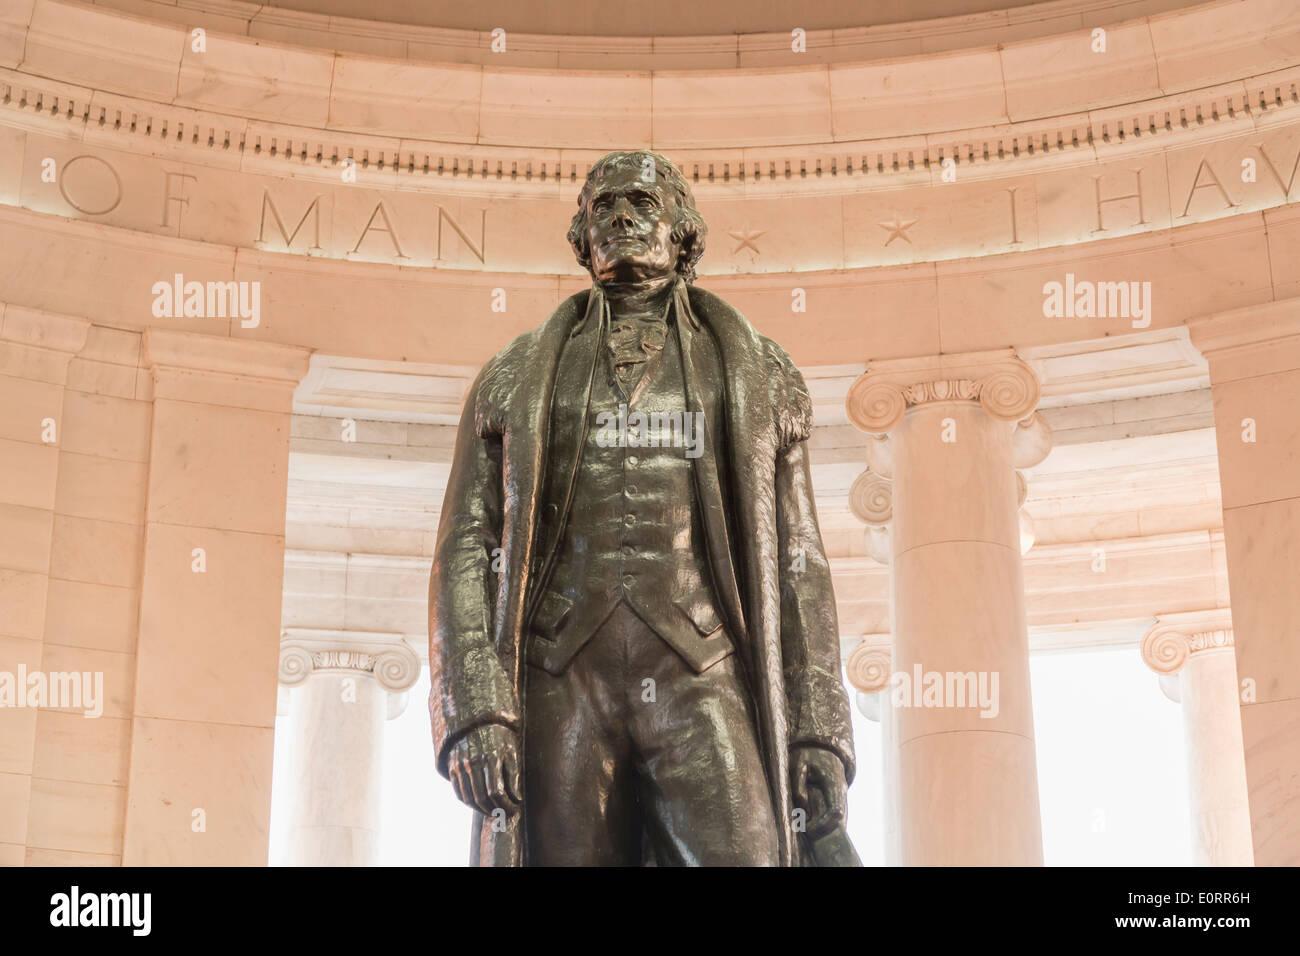 Statue de Thomas Jefferson dans le Jefferson Memorial, Washington DC, USA Banque D'Images